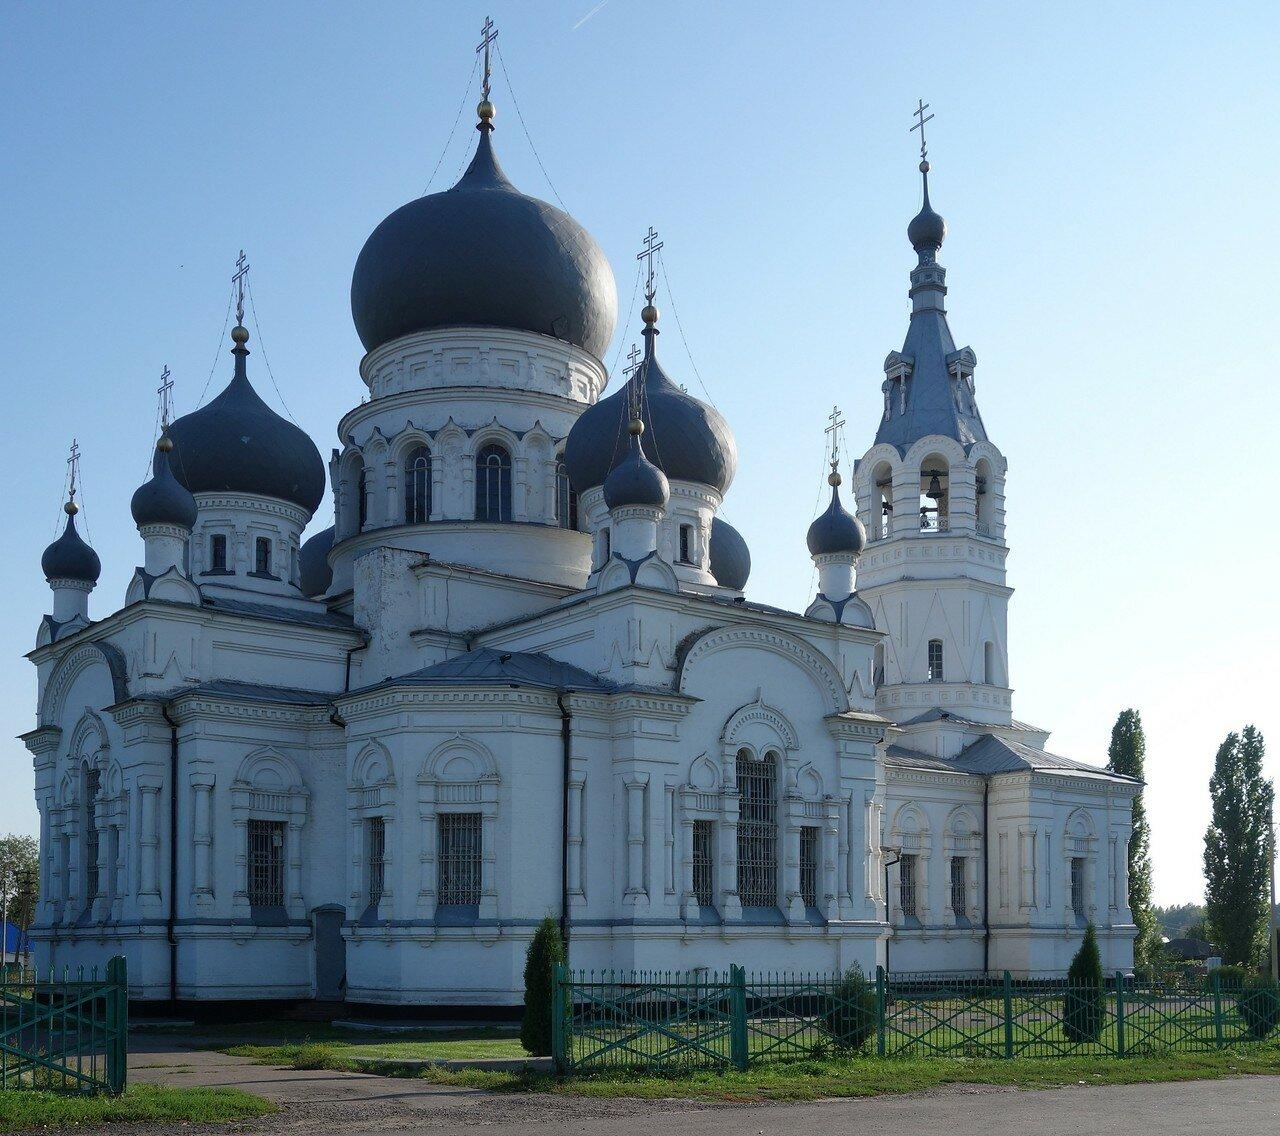 храм с решетками на окнах